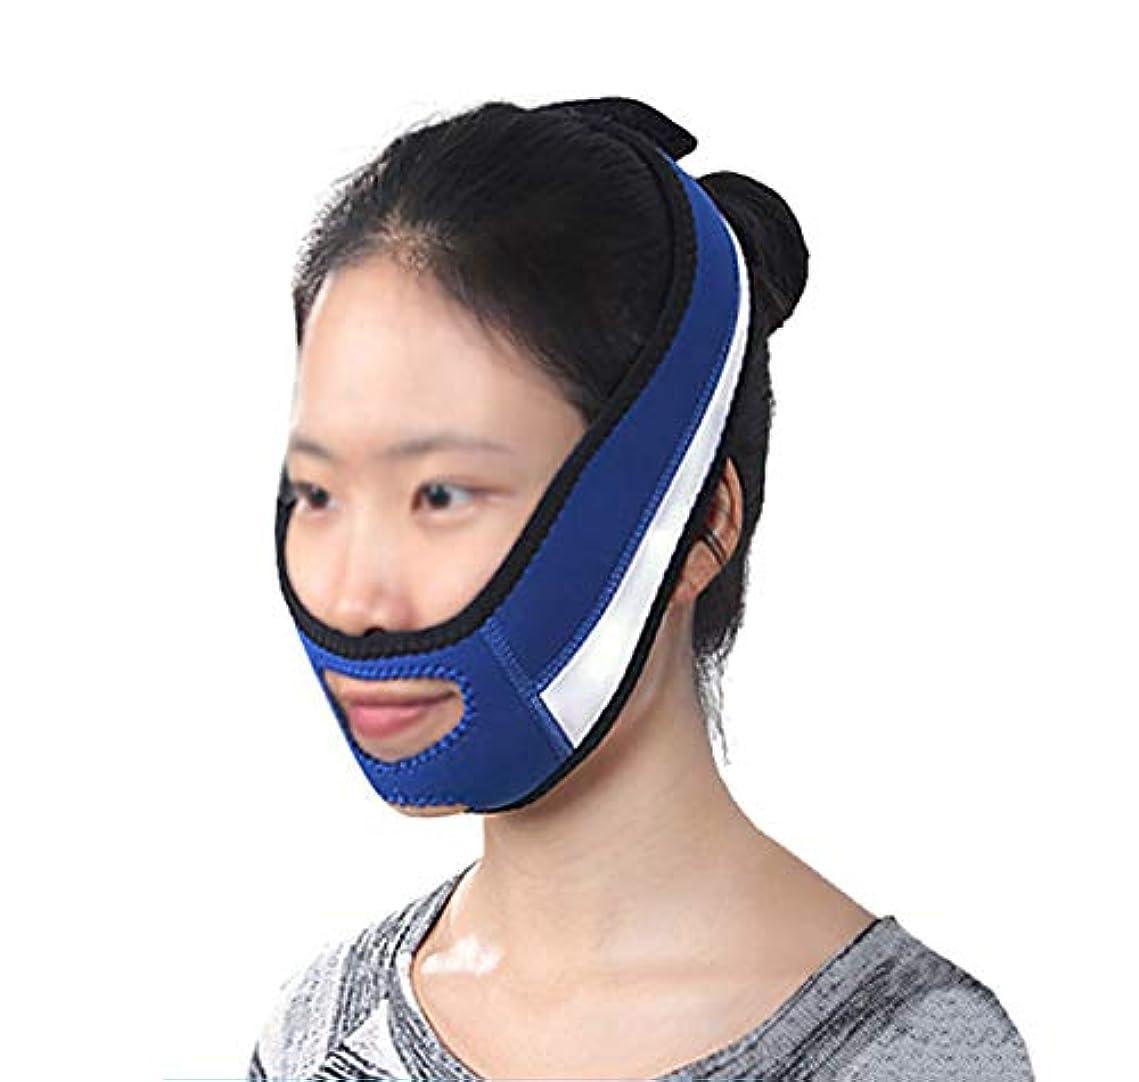 あいさつ助手代名詞LJK 薄い顔包帯フェイススリムは、二重あごを取り除くVラインの顔の形を作りますチンチークリフトアップアンチリンクルリフティングベルトフェイスマッサージツール用女性と女の子